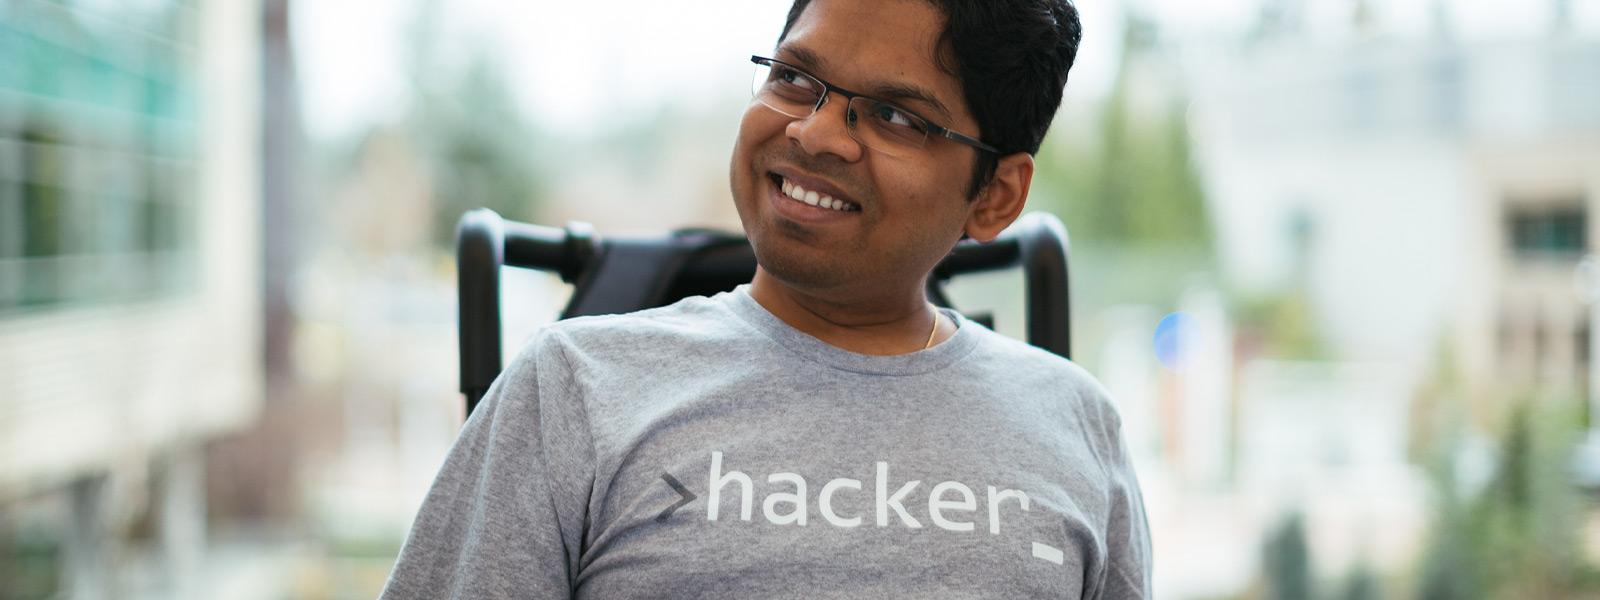 Uśmiechnięty mężczyzna siedzący na wózku inwalidzkim